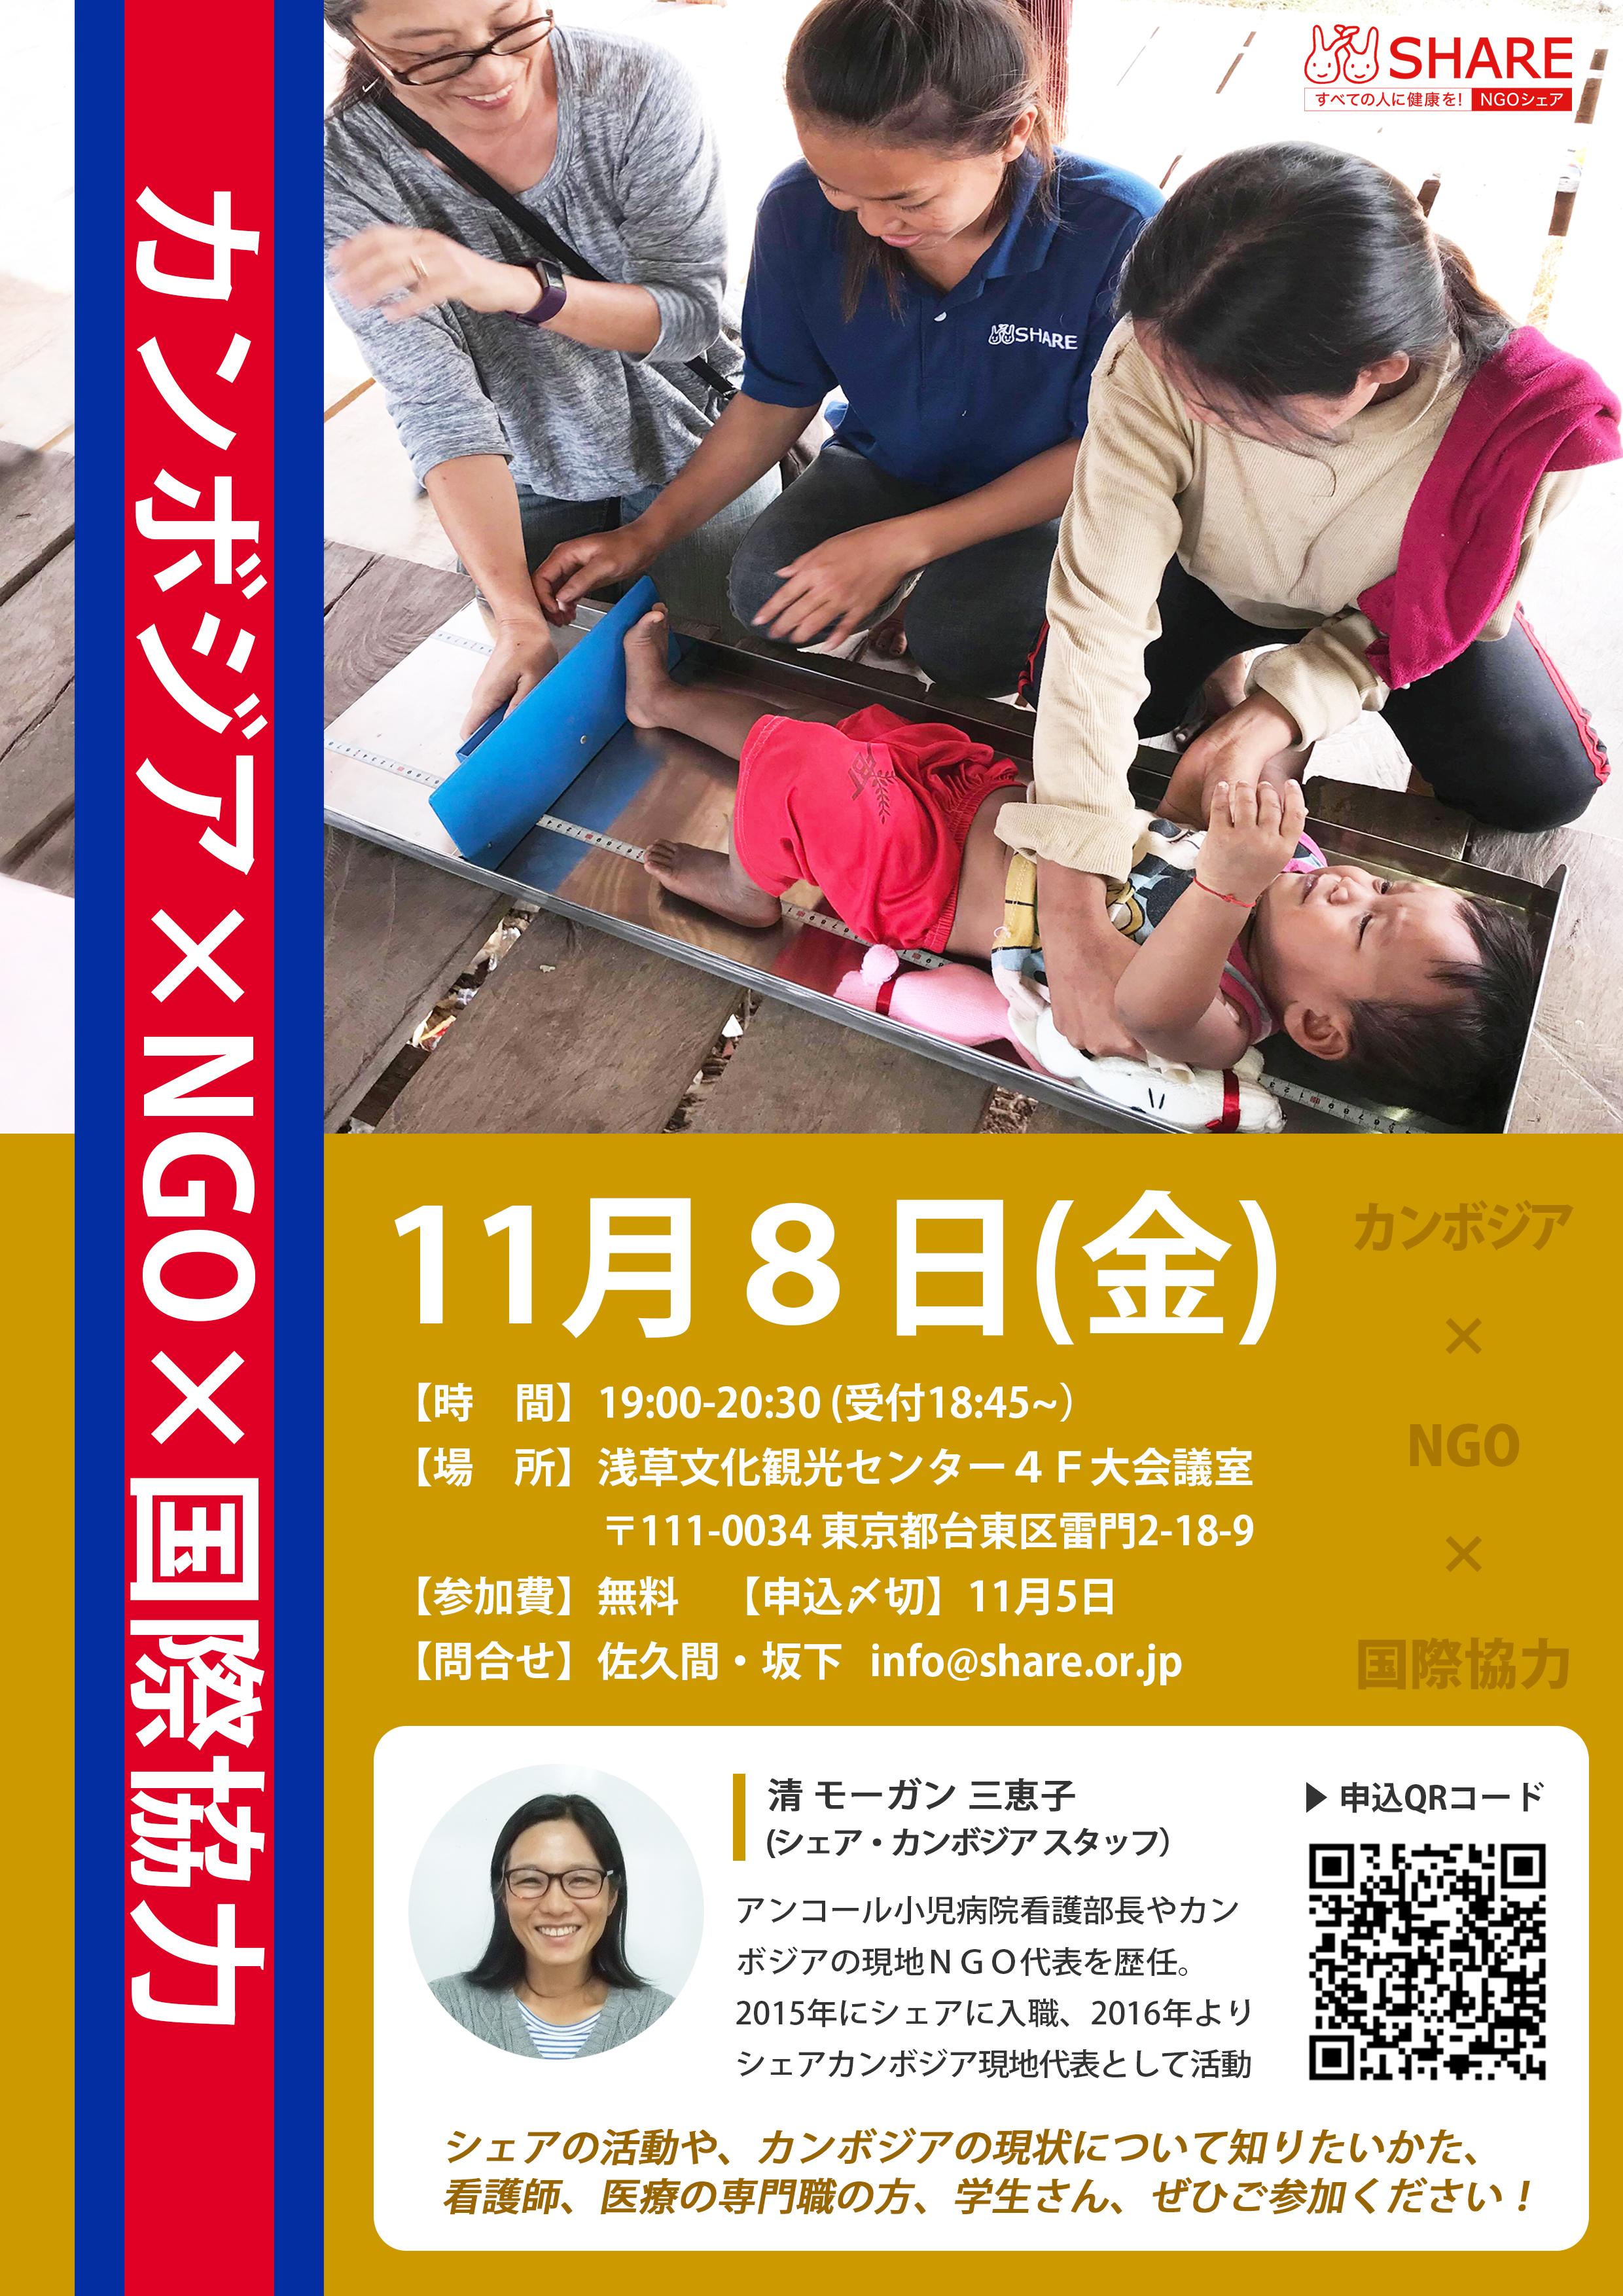 モーガンさん報告会_(カンボジアXNGOX国際協力).jpg